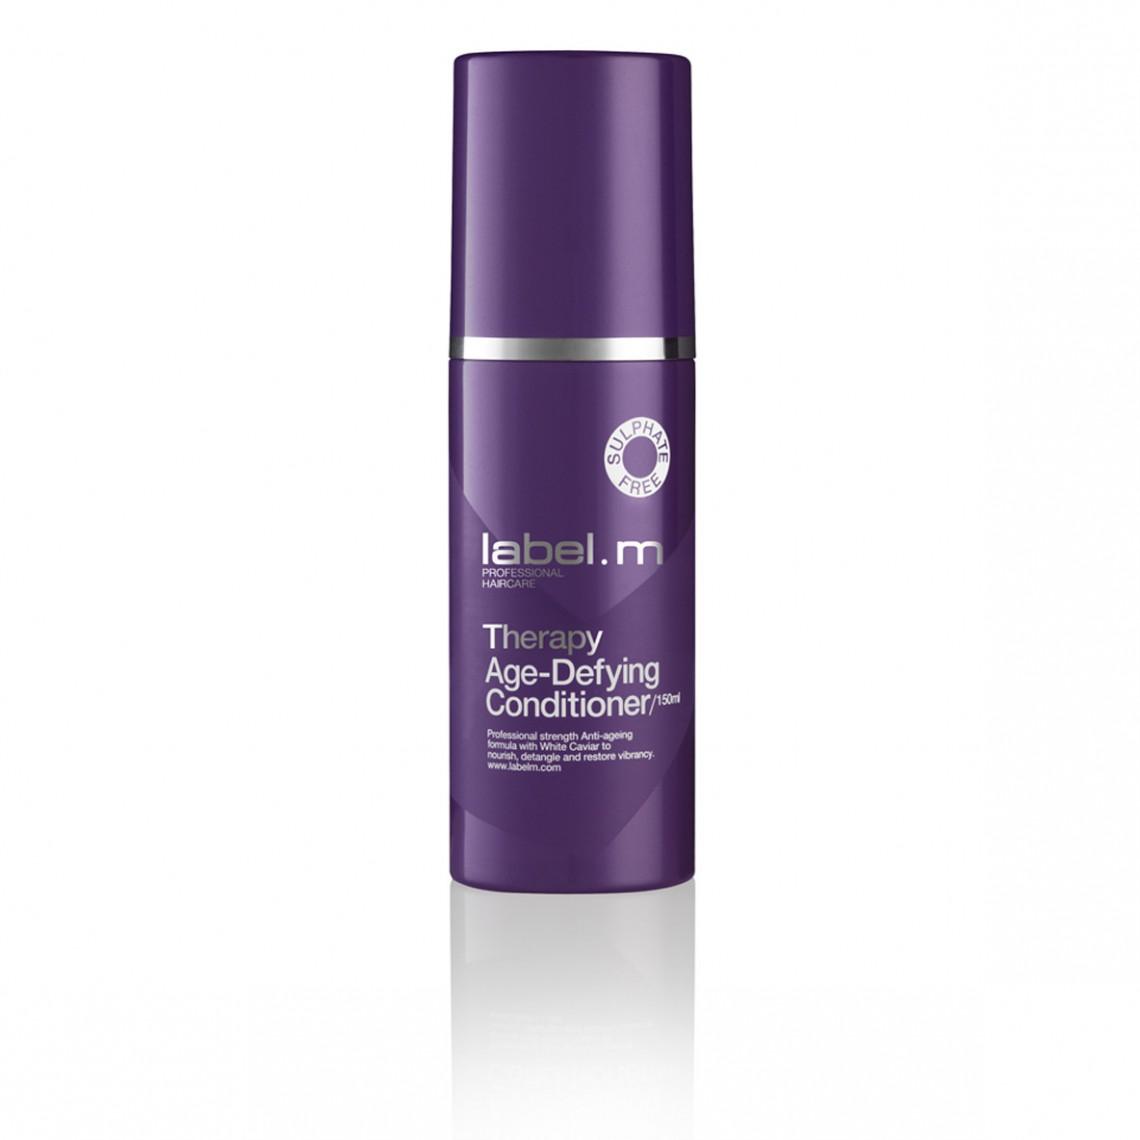 Label.m Кондиционер Антивозрастная Терапия, 150 млLCTA0150Питательная формула с Белой Икрой облегчает расчесывание и возвращает волосам здоровый вид. Придает волосам силу и возвращает шелковистость. Не содержит сульфаты, парабены и хлорид натрия.